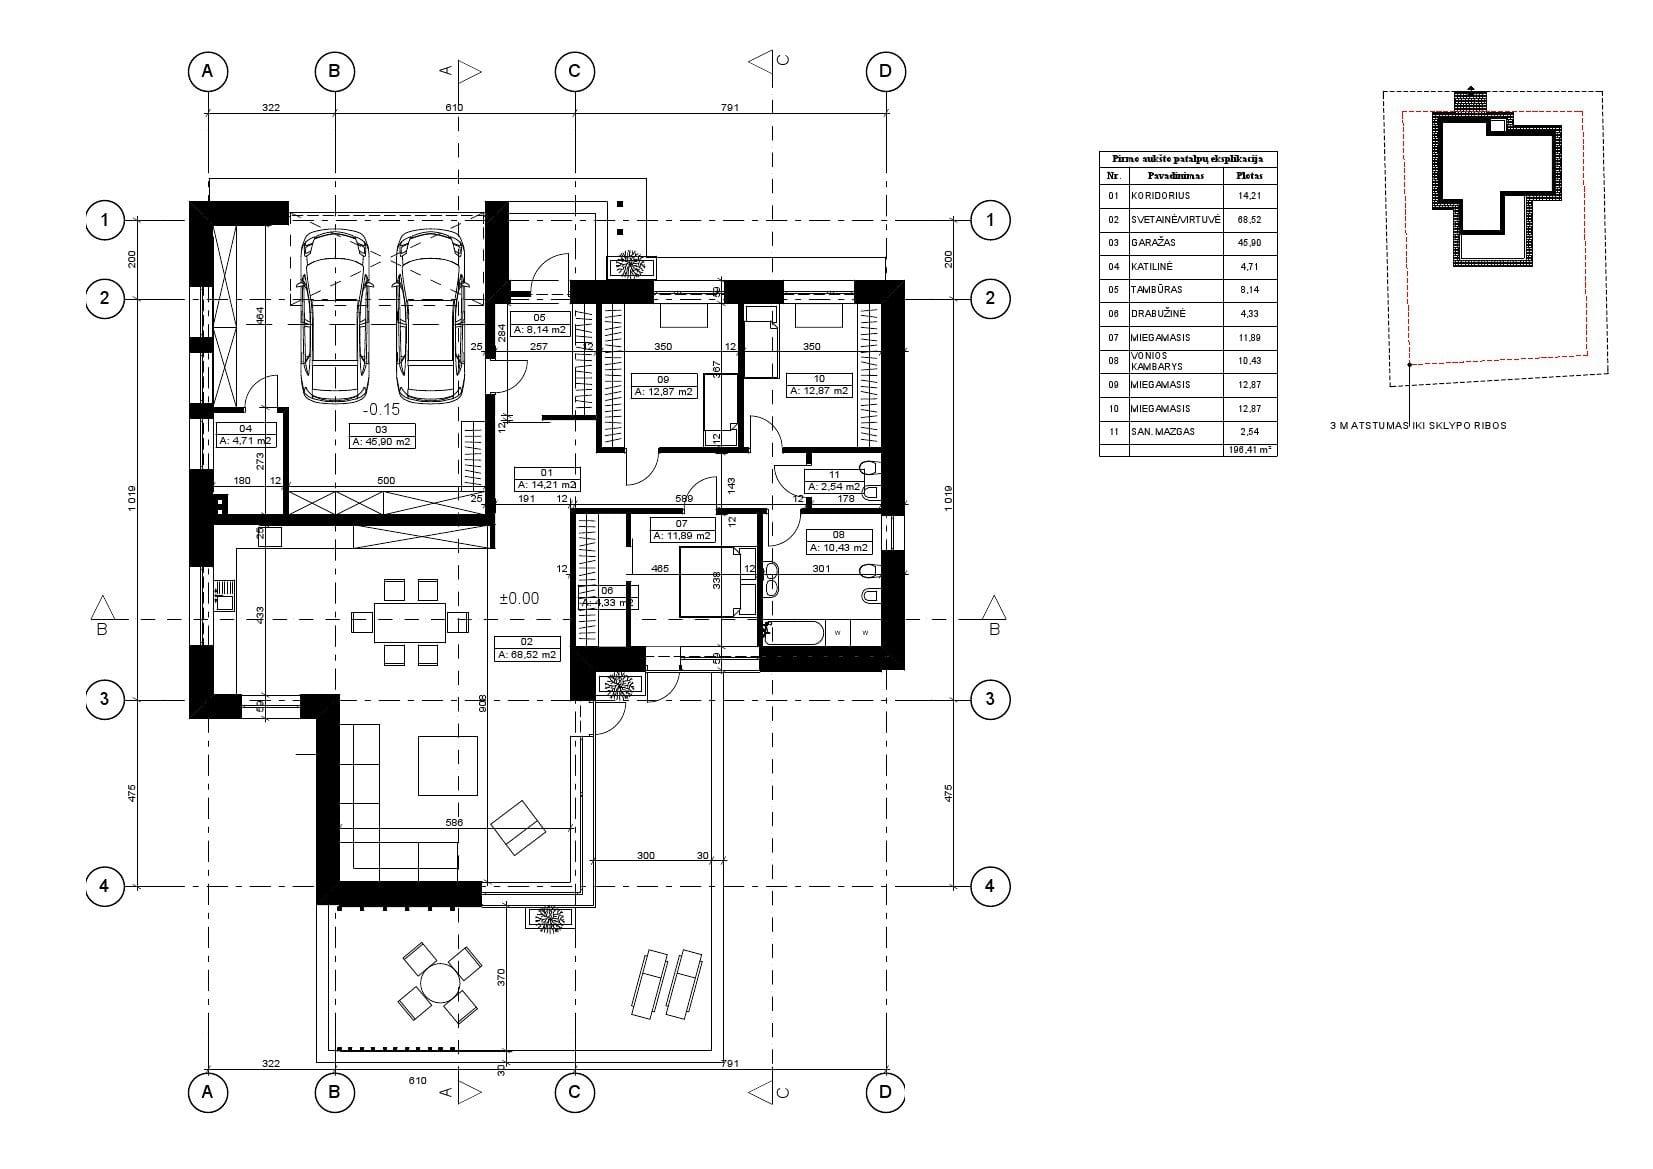 vieno aukšto gyvenamojo namo planas